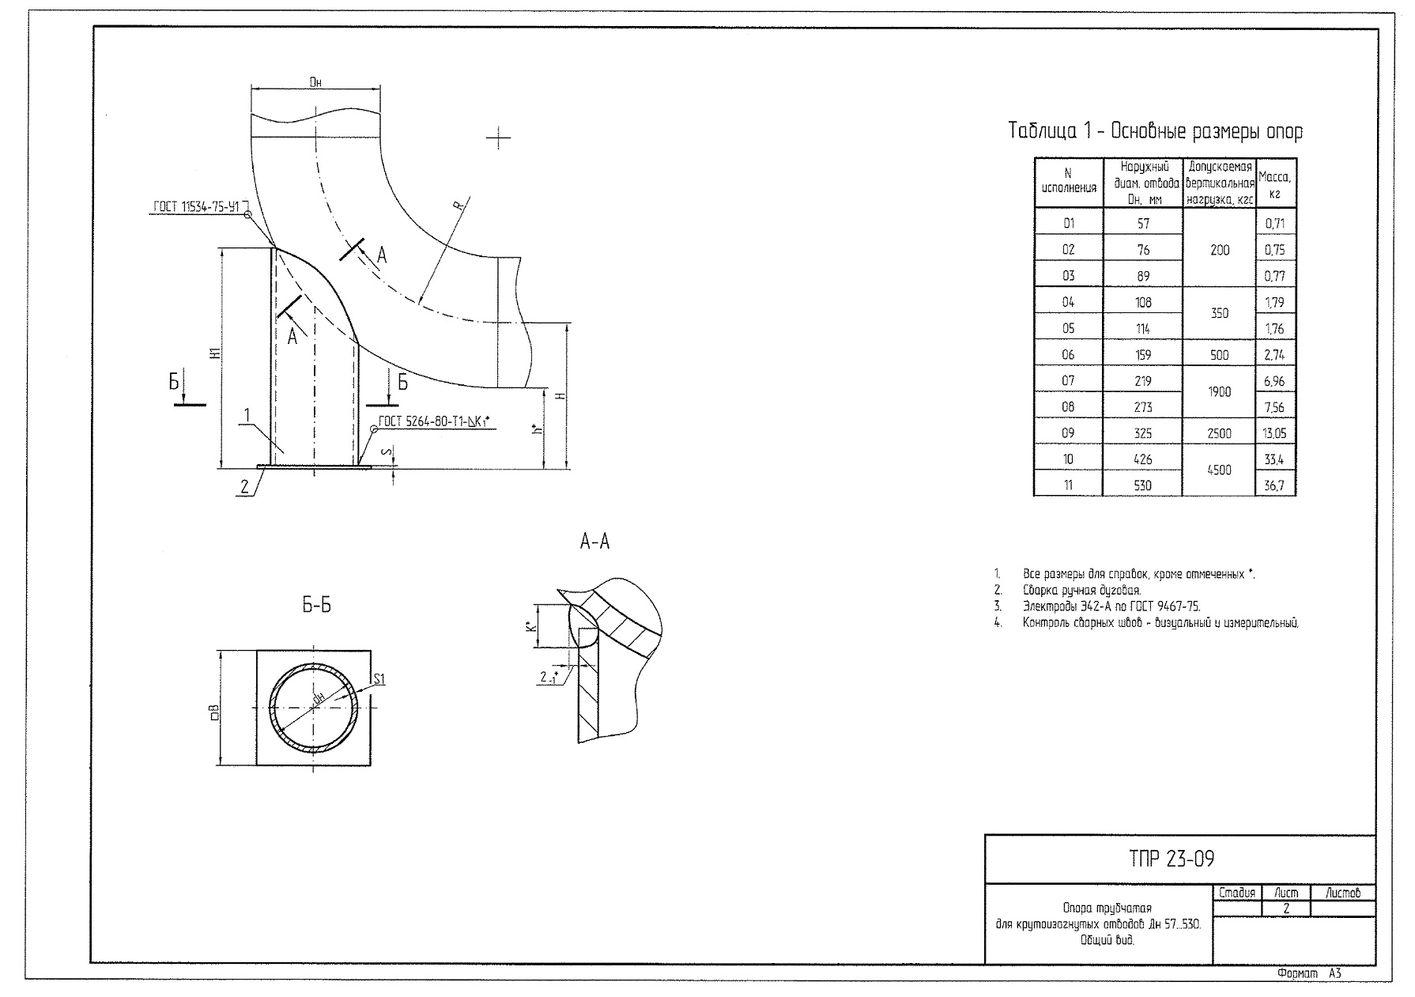 ТПР 23-09 Опора трубчатая для крутоизогнутых отводов Дн 57-530